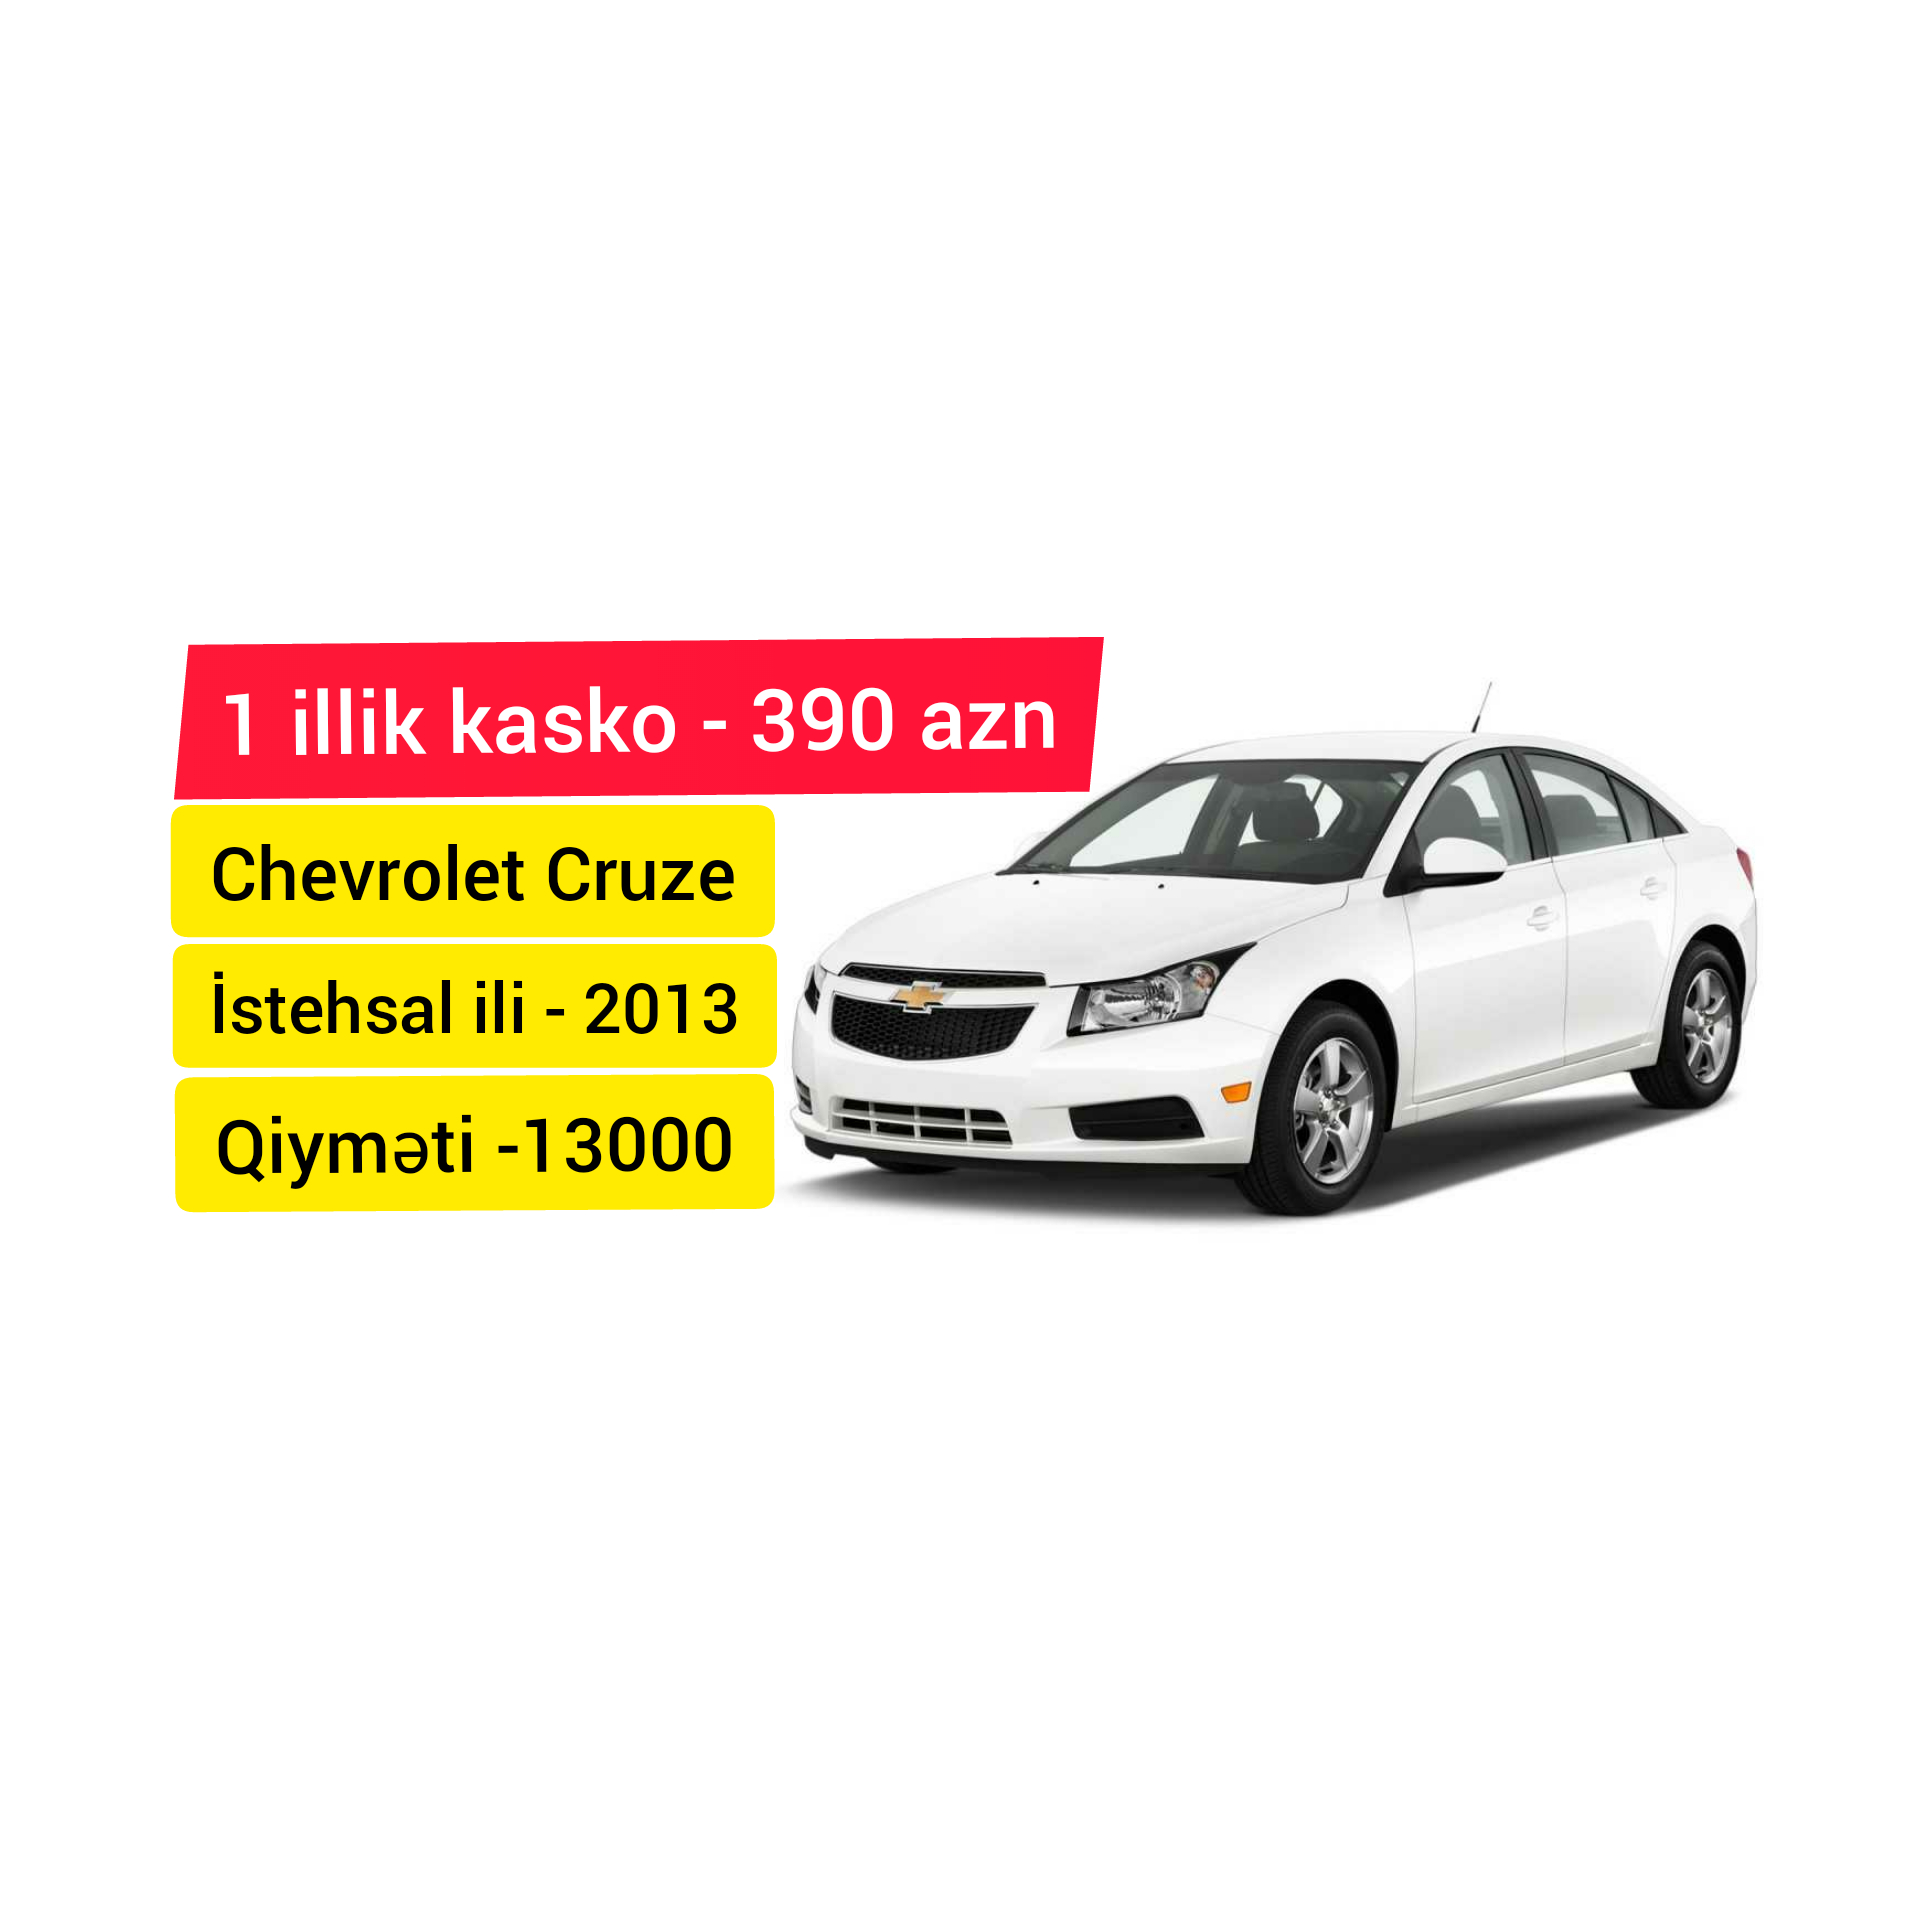 Tam kasko. Bəs sənin avtomobilinin markası nədir?